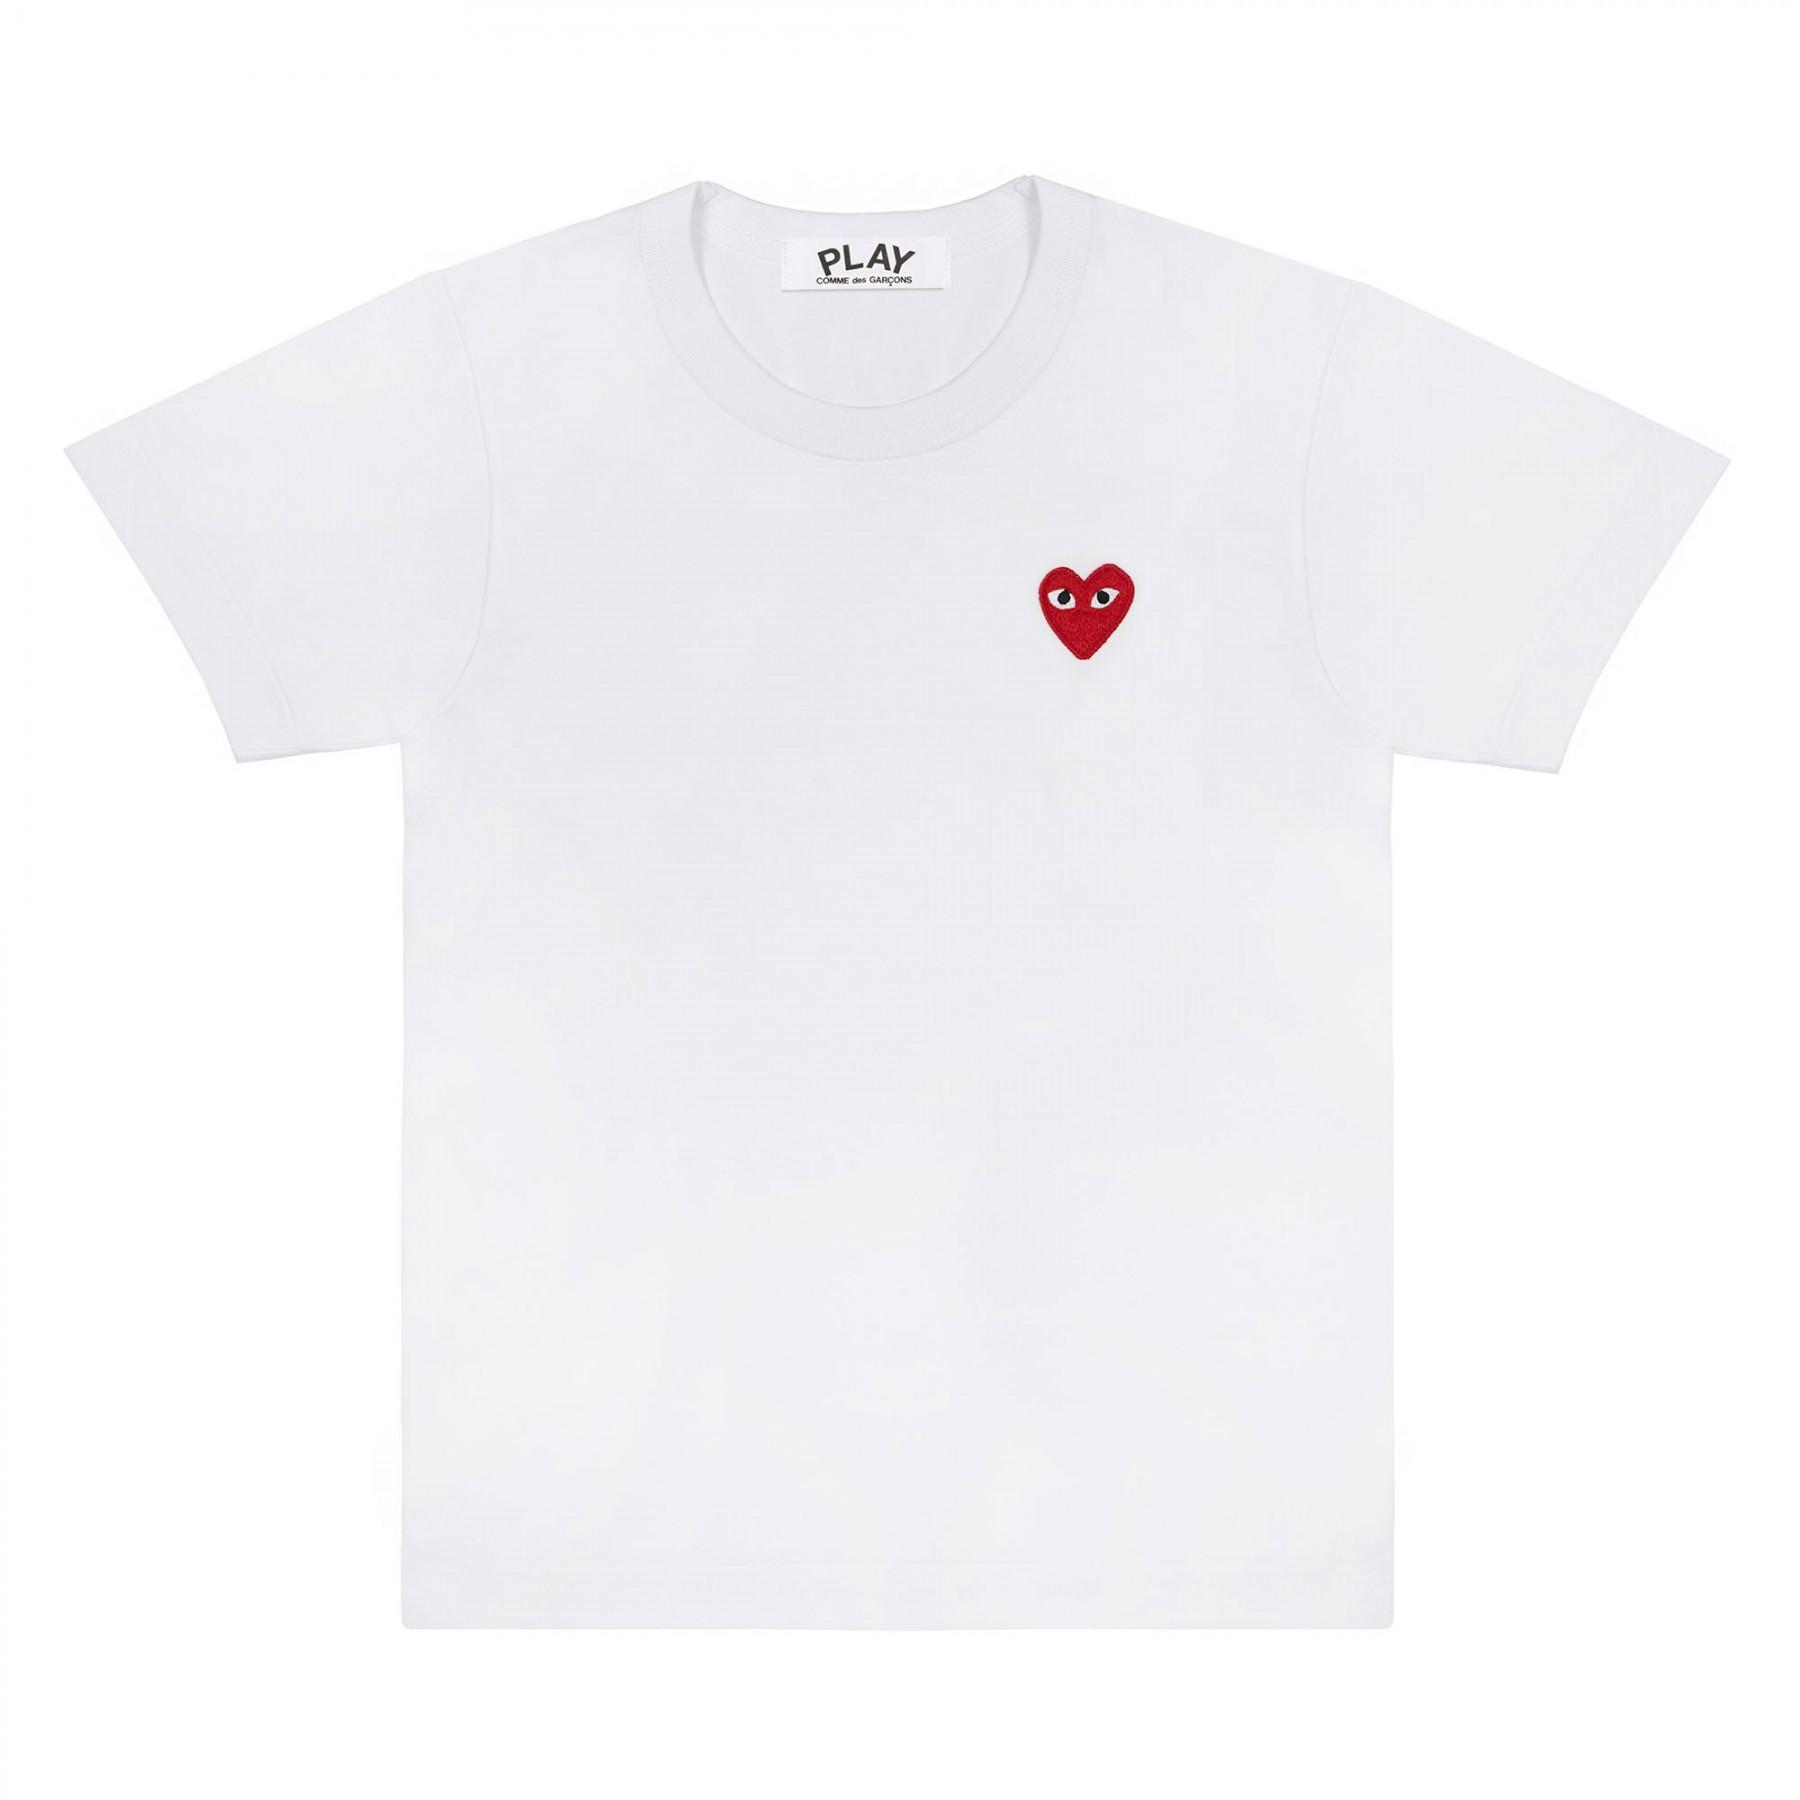 꼼데가르송 PLAY 화이트 티셔츠 원포인트 레드하트 반소매(여성)